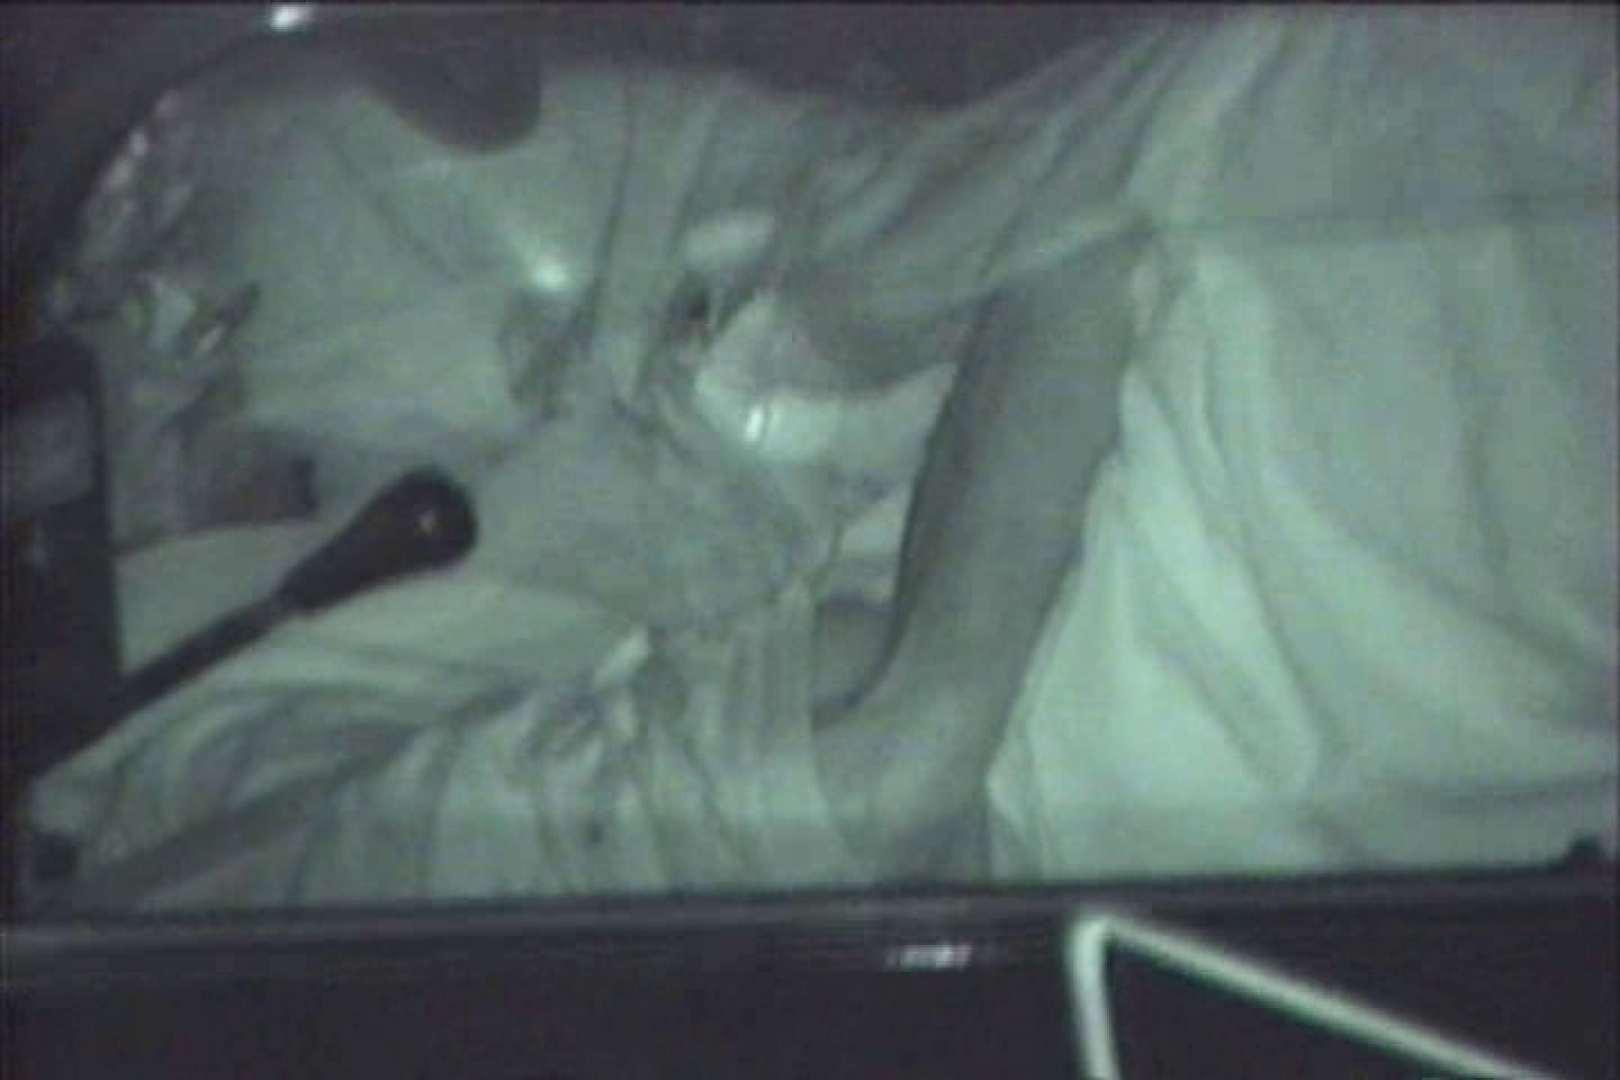 車の中はラブホテル 無修正版  Vol.16 おまんこ娘 盗撮動画紹介 52連発 15